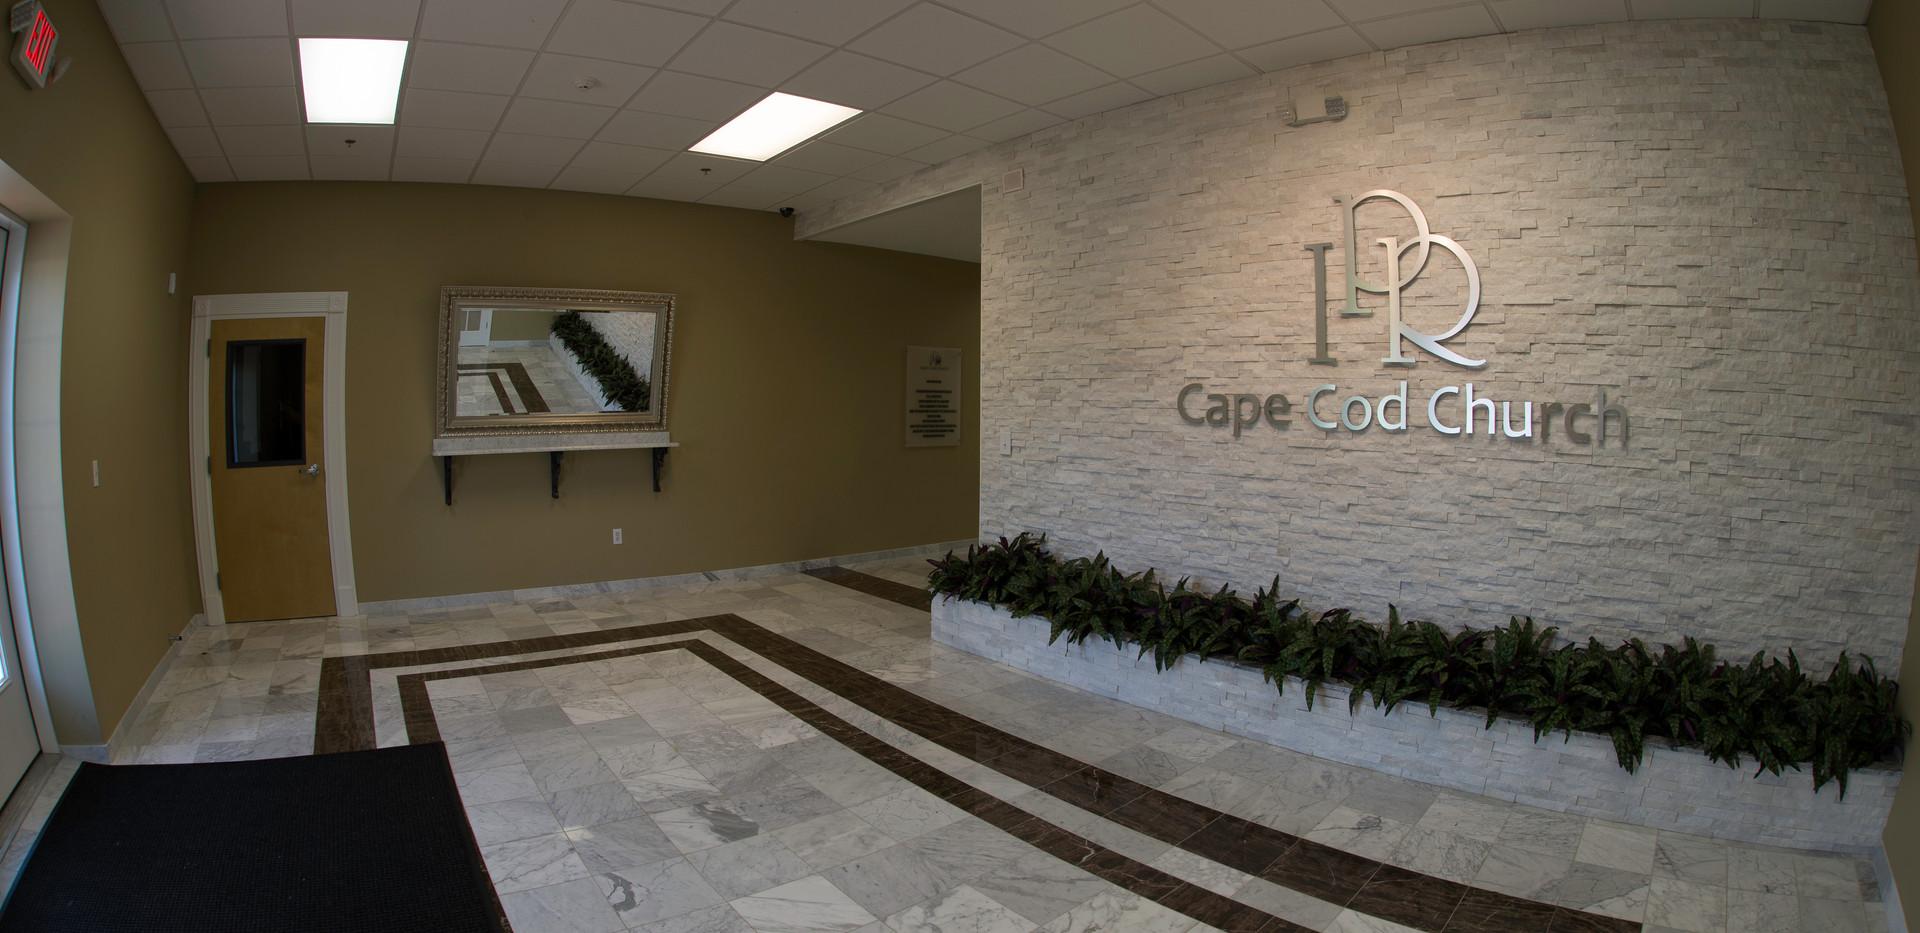 IPR Cape Cod Church-26.jpg